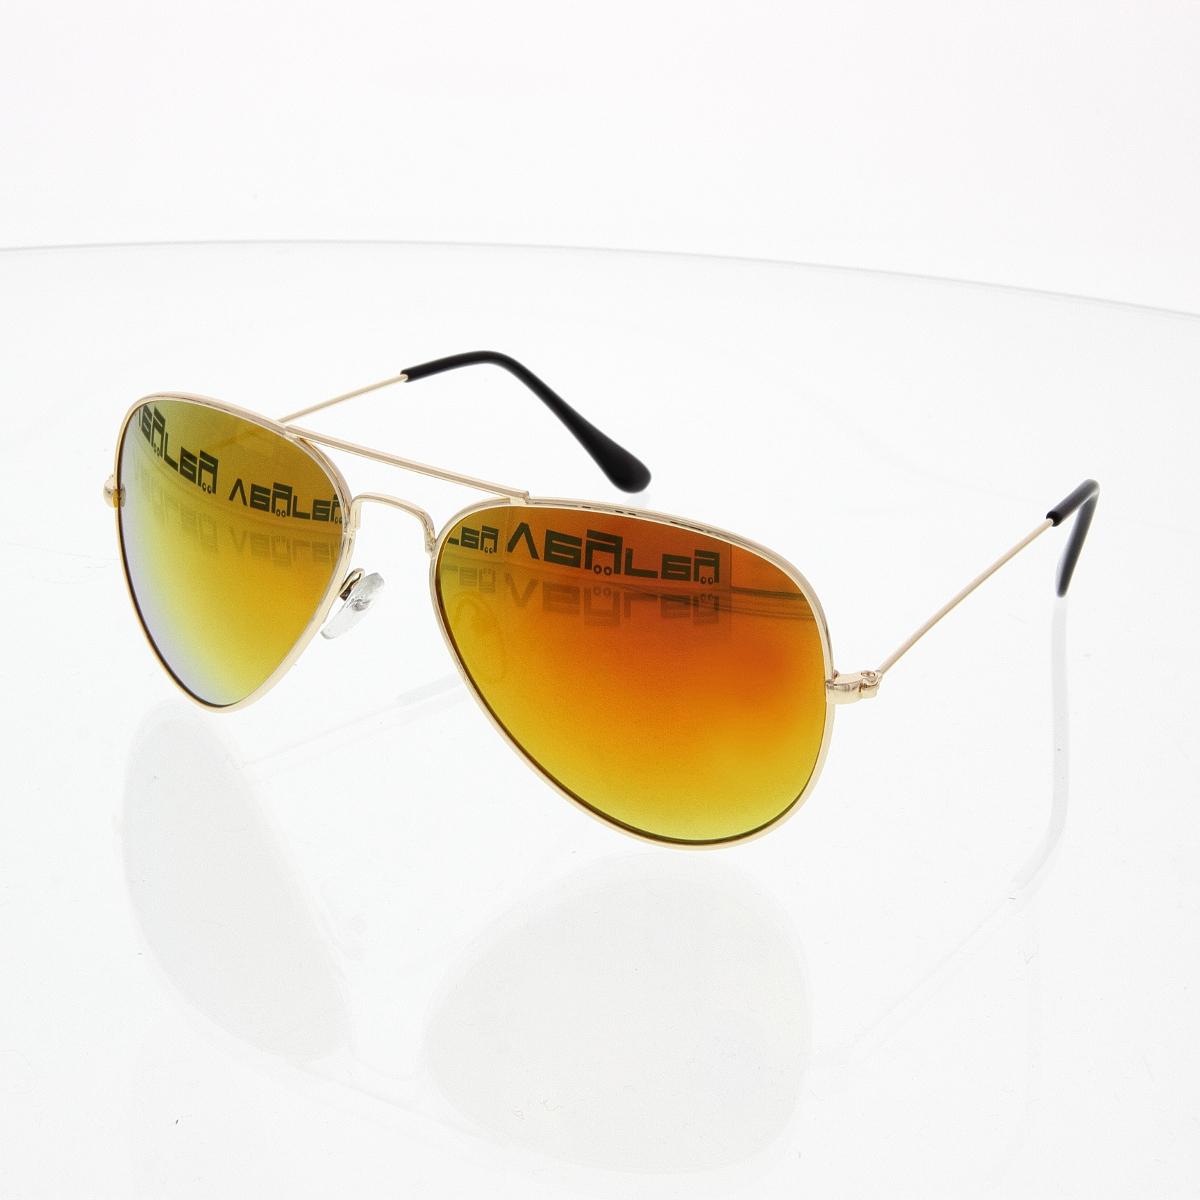 Sluneční brýle Pilotky zrcadlovky zlaté obroučky zlato-hnědé